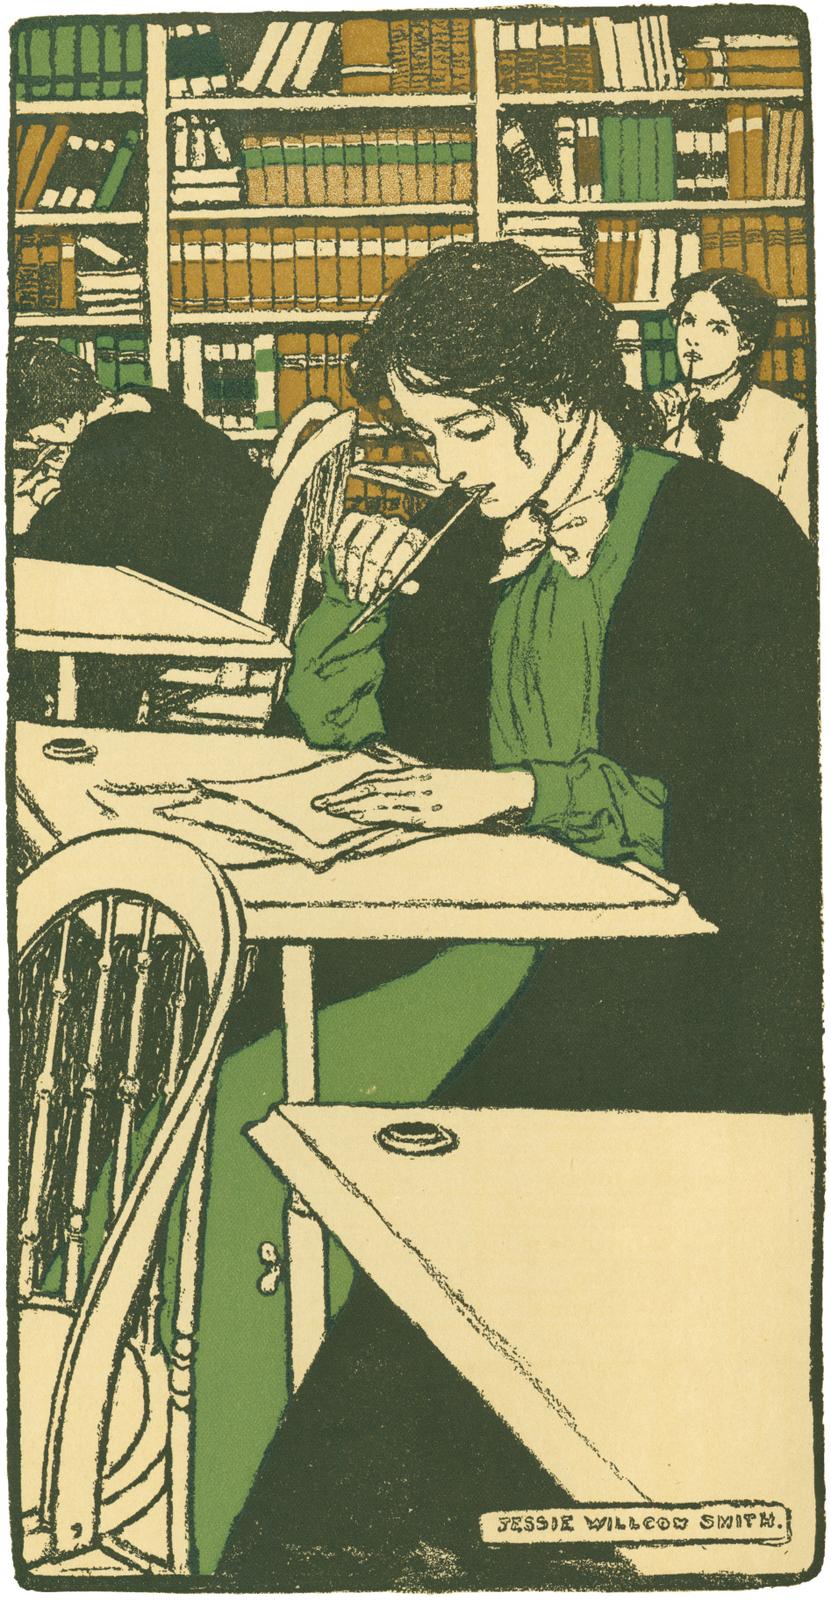 1902 Bryn Mawr College Calendar image